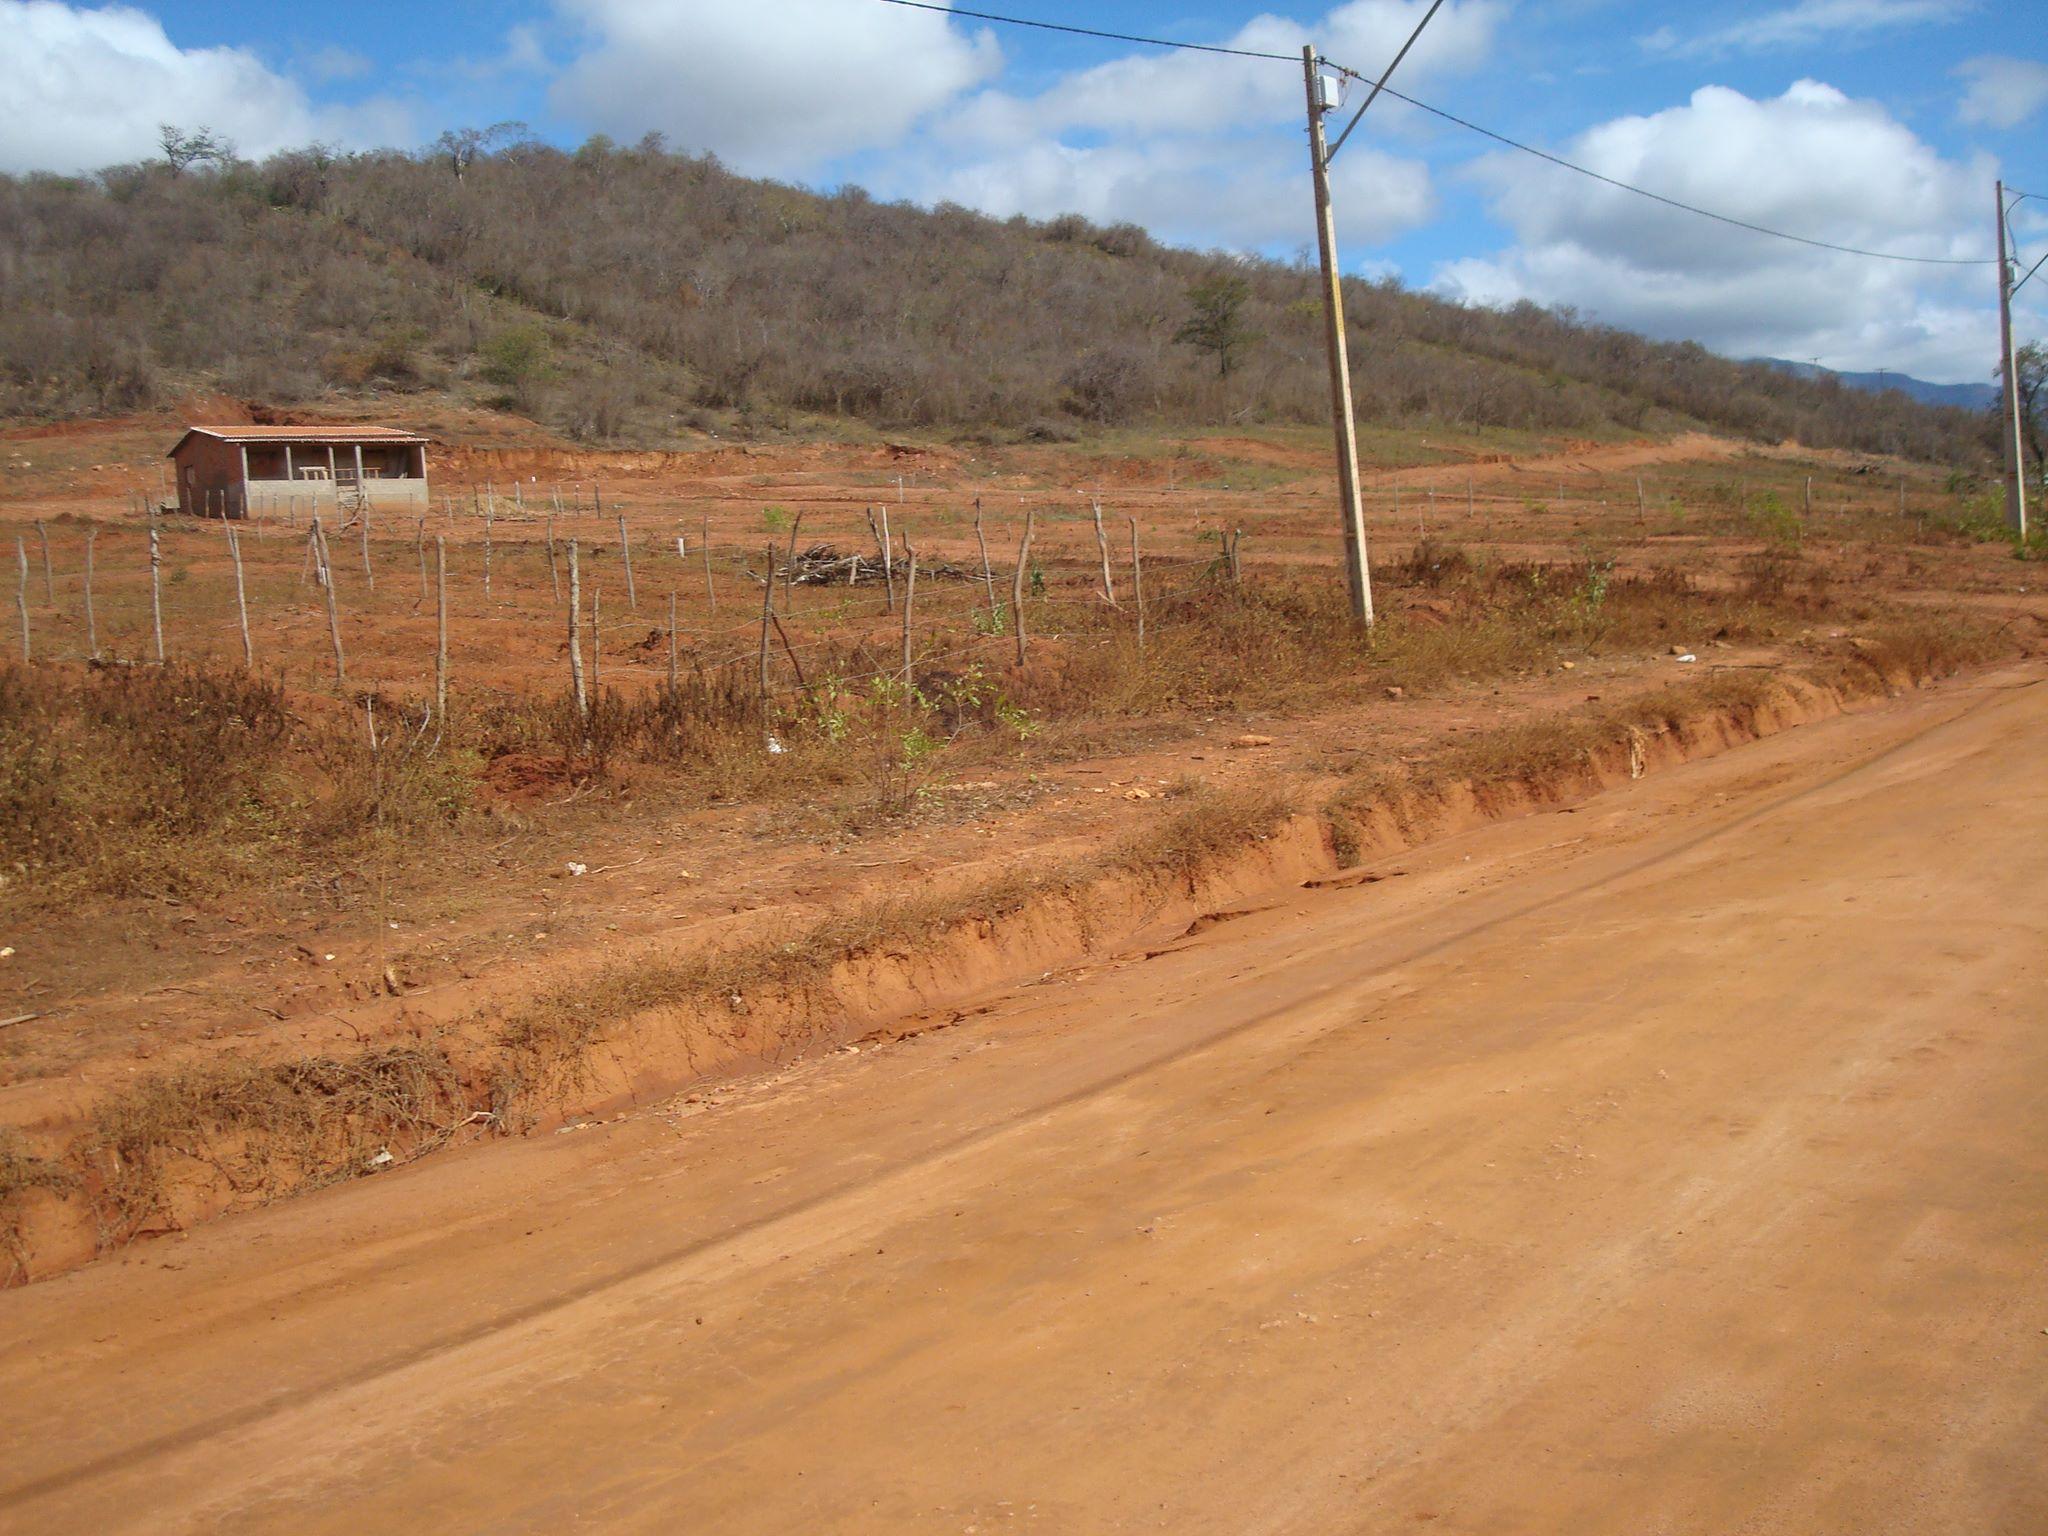 Fotos-uit-de-regio-van-Ibitiara-en-Seabra-aan-de-grote-BR-242-32